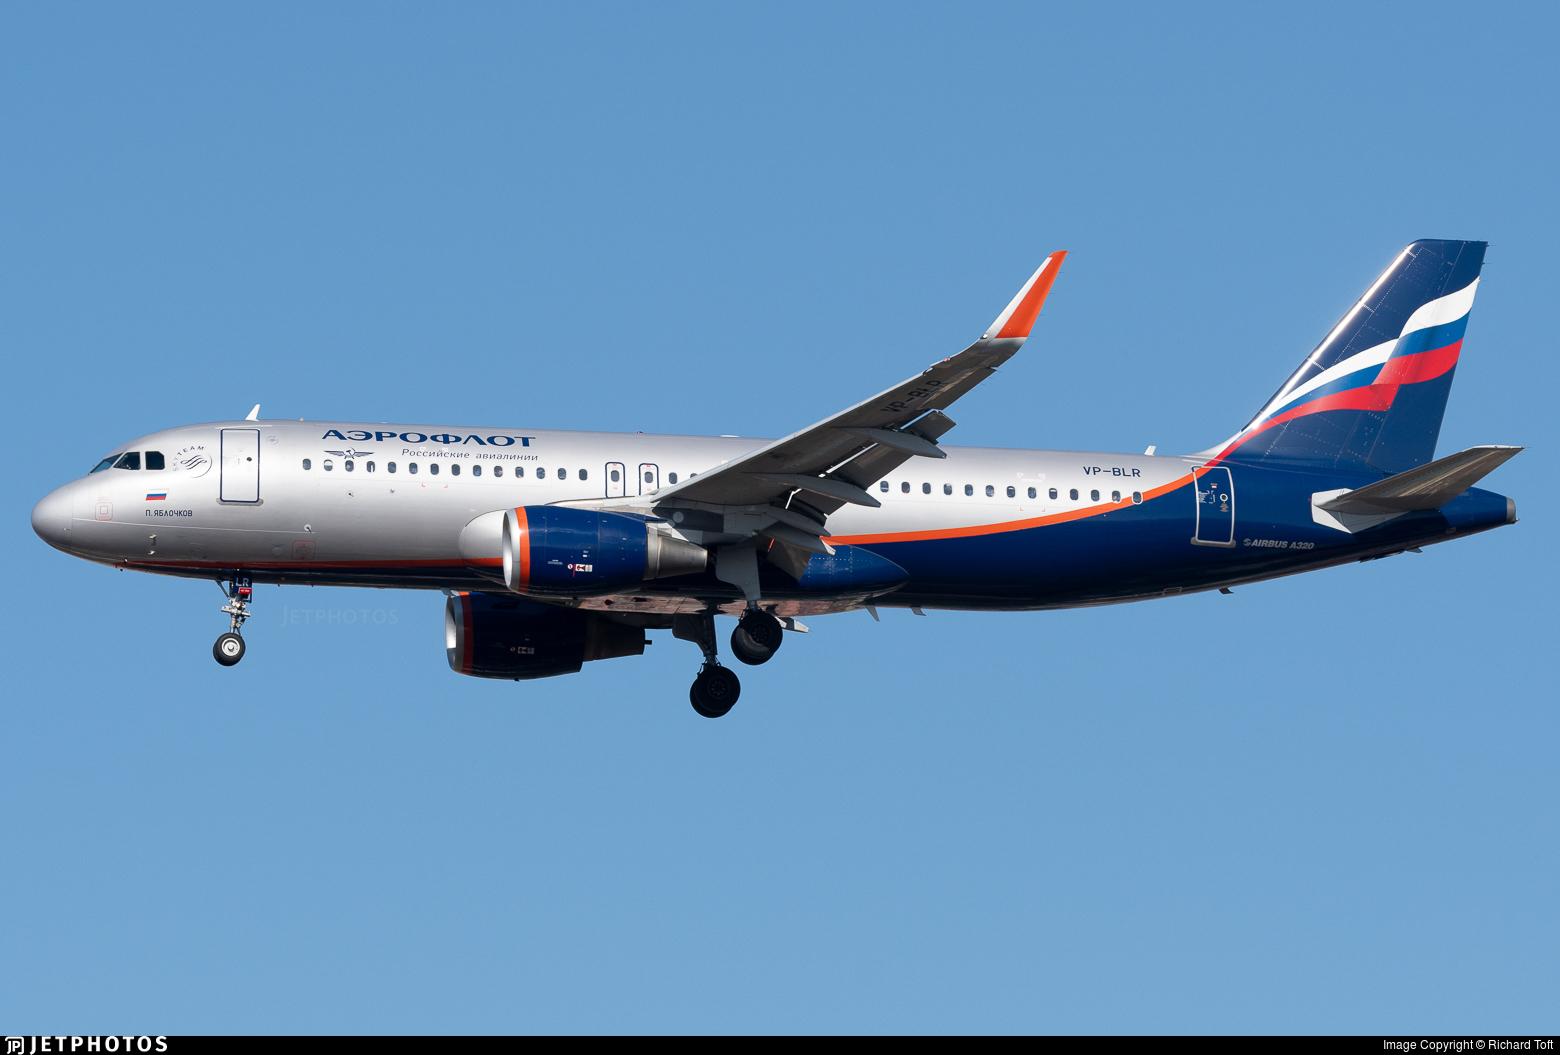 VP-BLR - Airbus A320-214 - Aeroflot